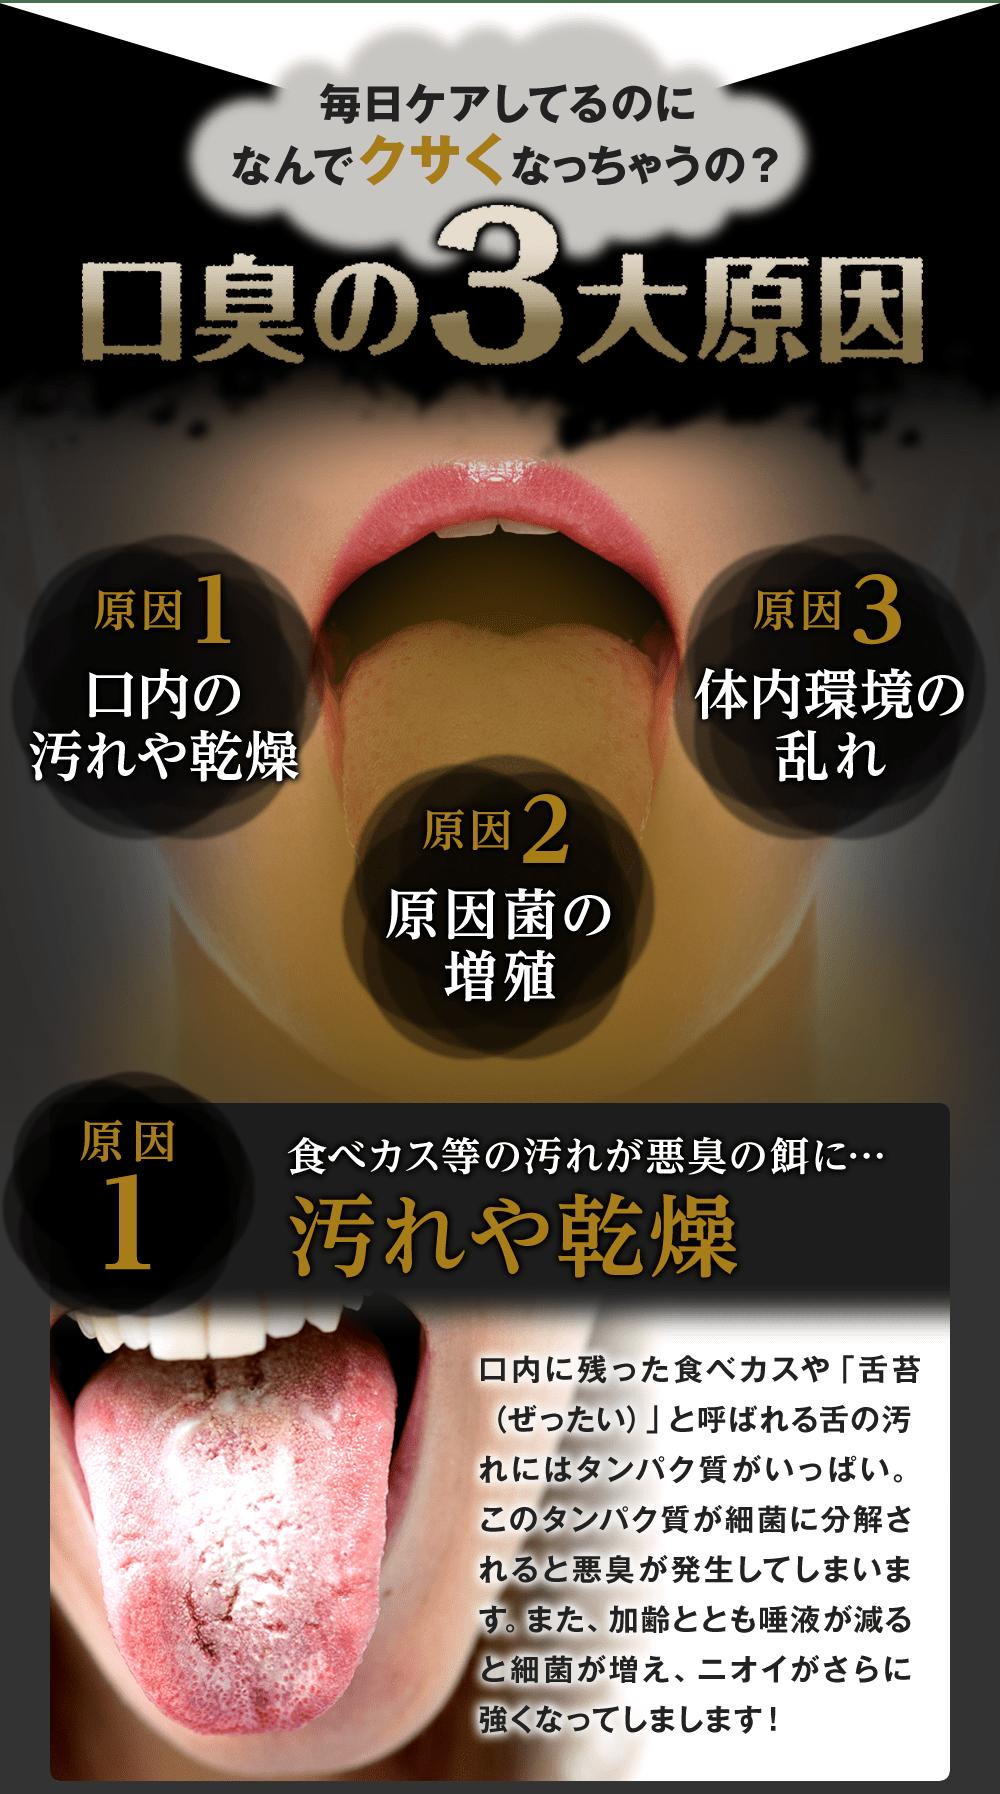 口臭の最大原因は 口内の汚れや乾燥 原因菌の増殖 体内環境の乱れ にあります 食べカスが汚れが舌苔に溜まって細菌に分解されると悪臭が発生するのです 口臭 口臭 サプリ 口臭 改善